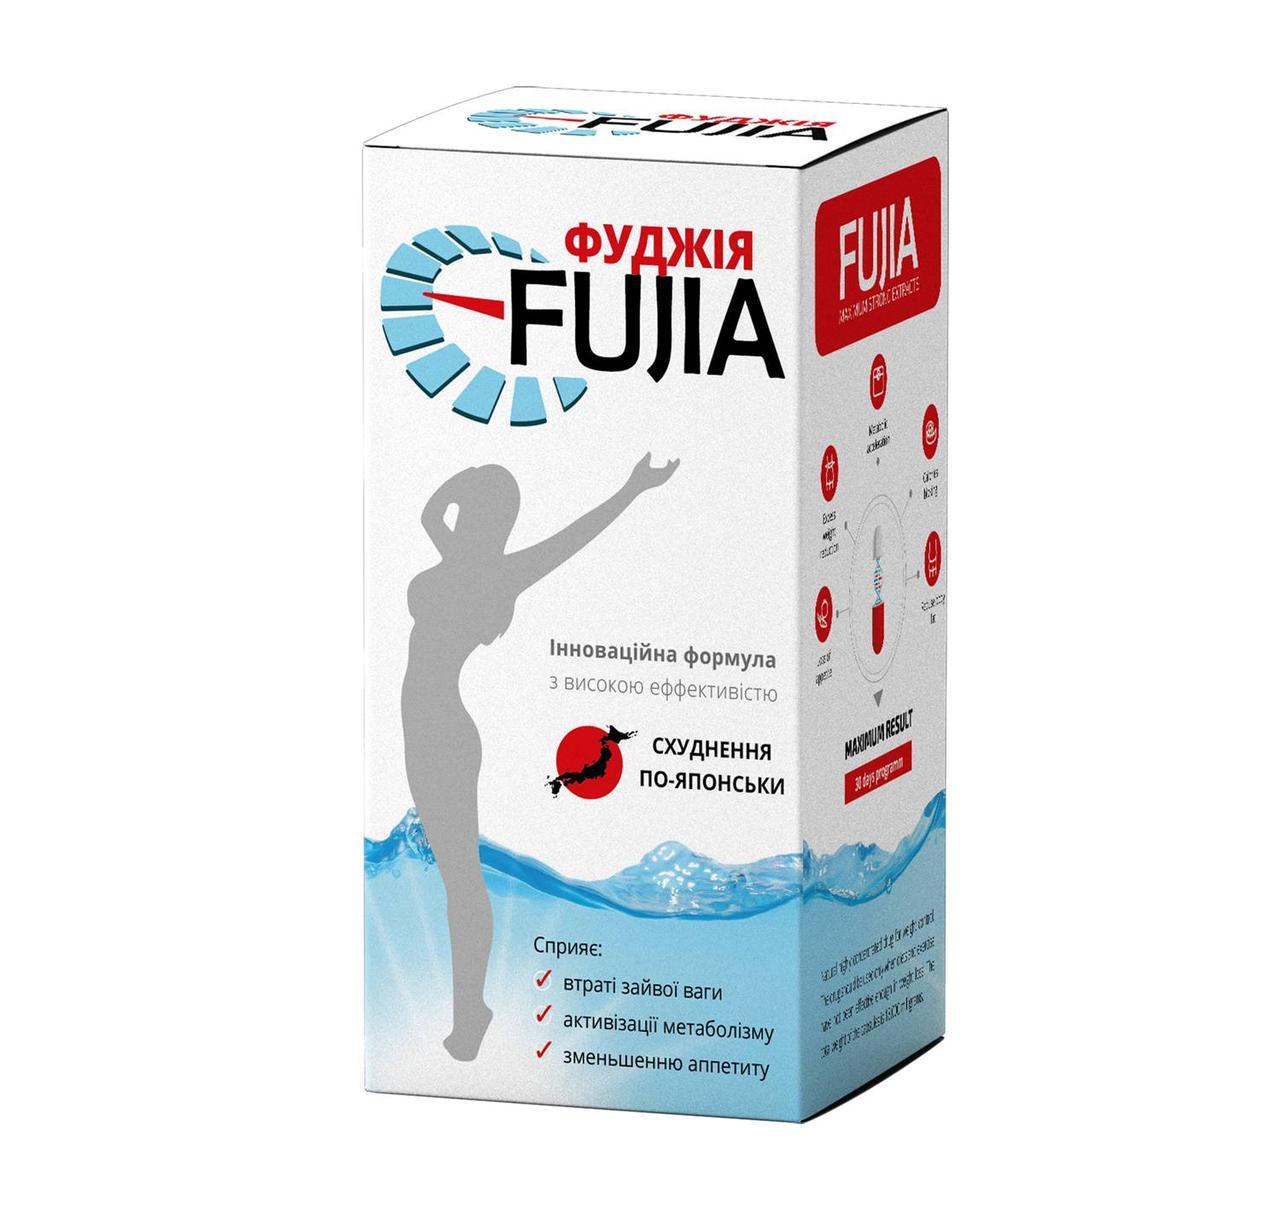 Фуджия 60 капсул по 300 мг